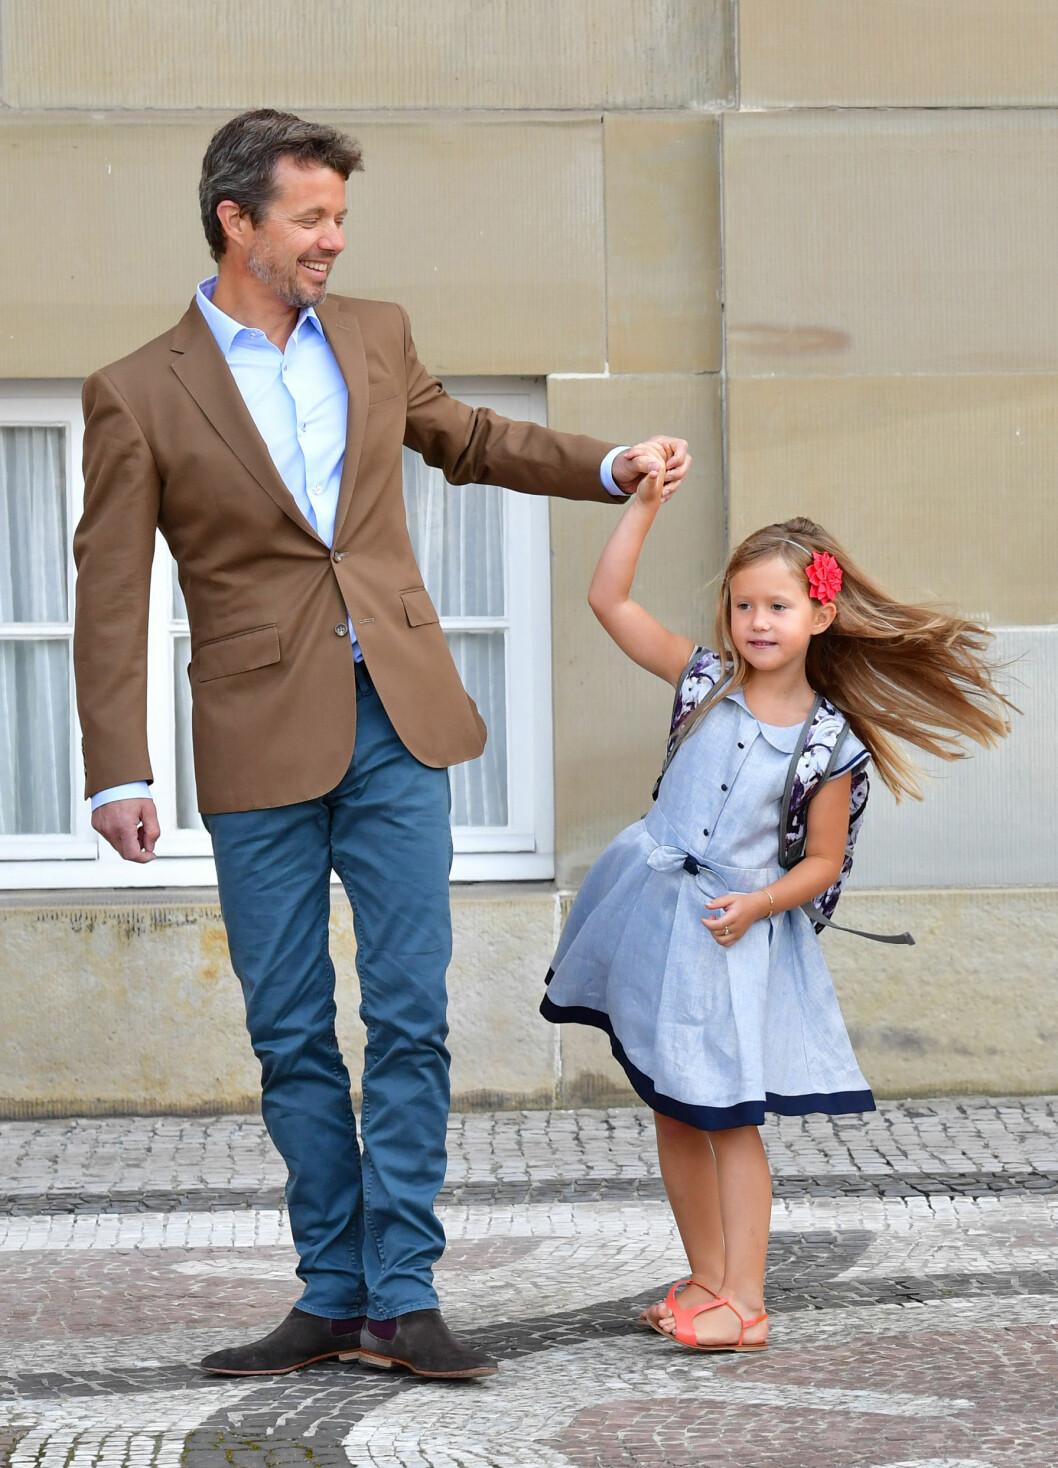 FØRSTE SKOLEDAG: En spent liten prinsesse tok en liten svingom med sin far før hun bega seg ut på sin aller første skoledag i midten av august. Foto: NTB Scanpix